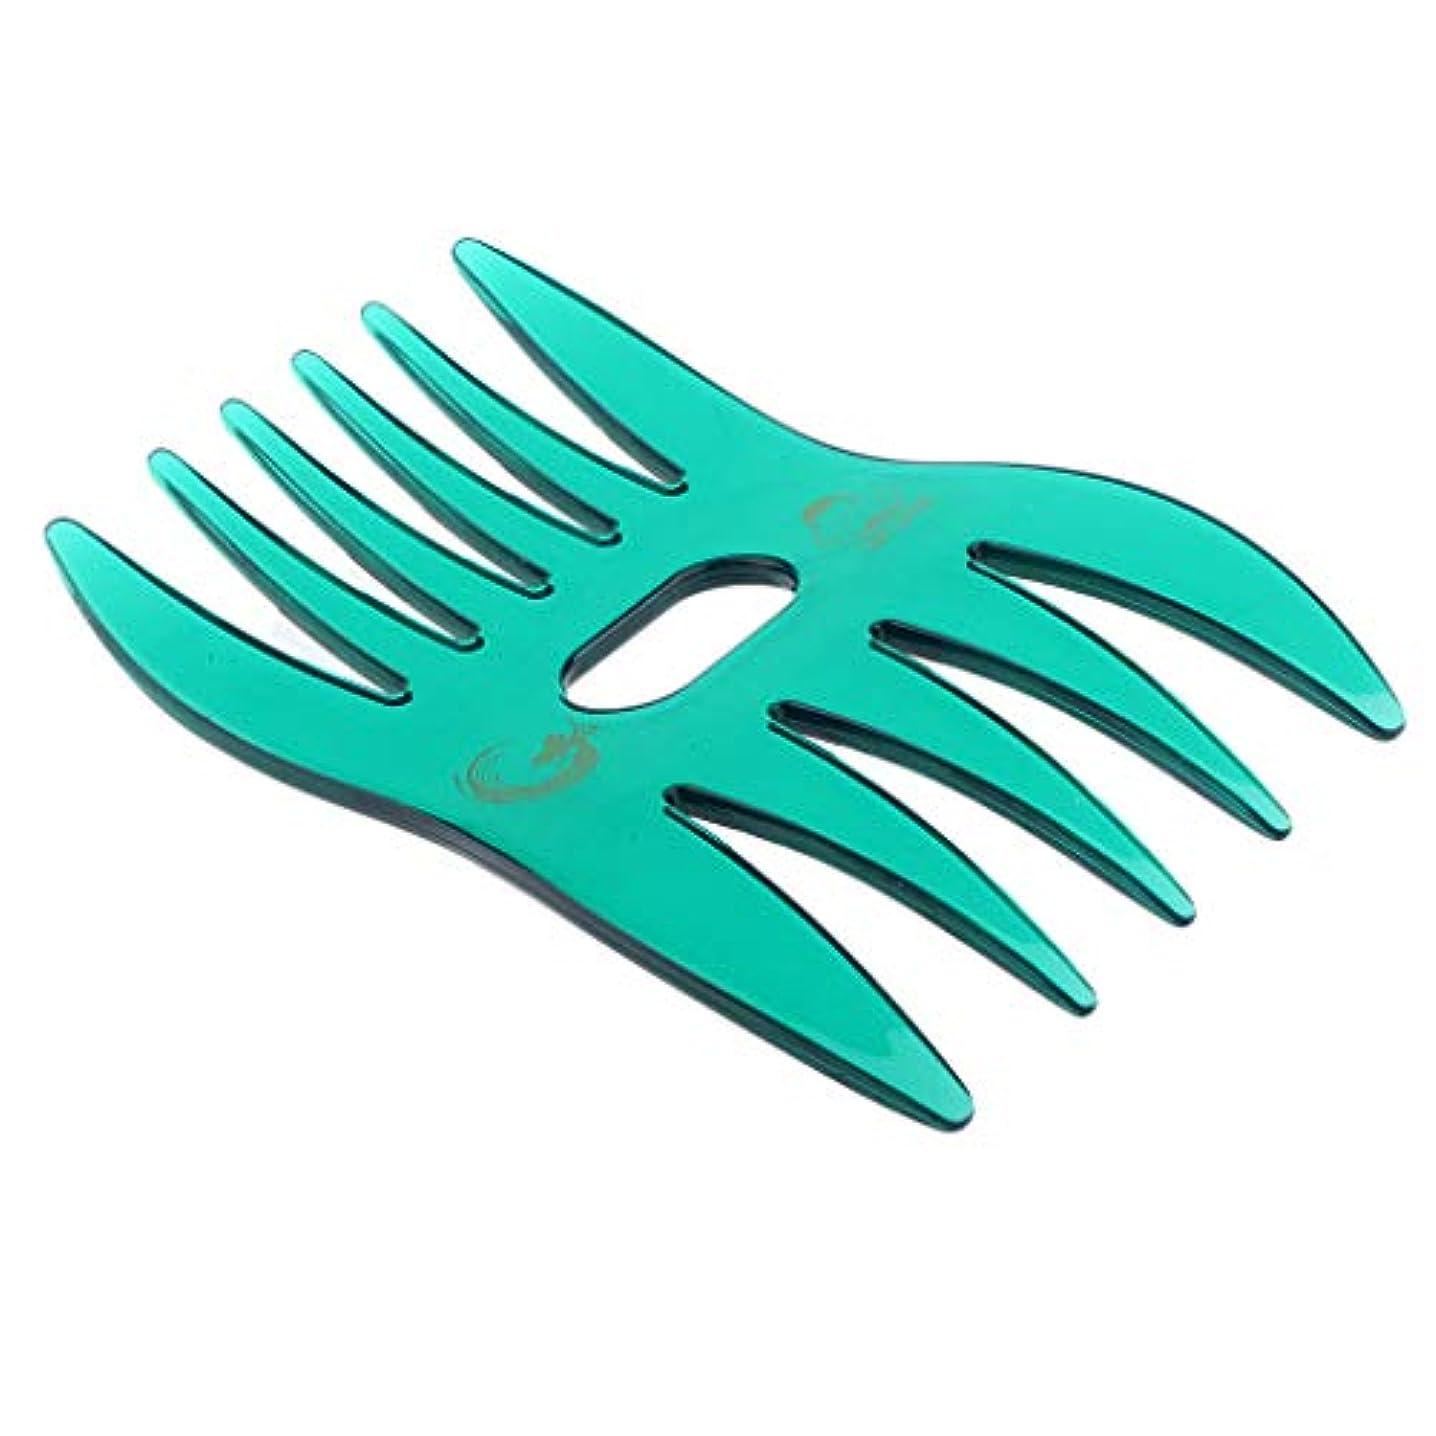 これらテクニカル散髪ヘアコーム デュアルサイド メンズ オイルヘアコン サロン ヘアスタイル 4色選べ - 緑